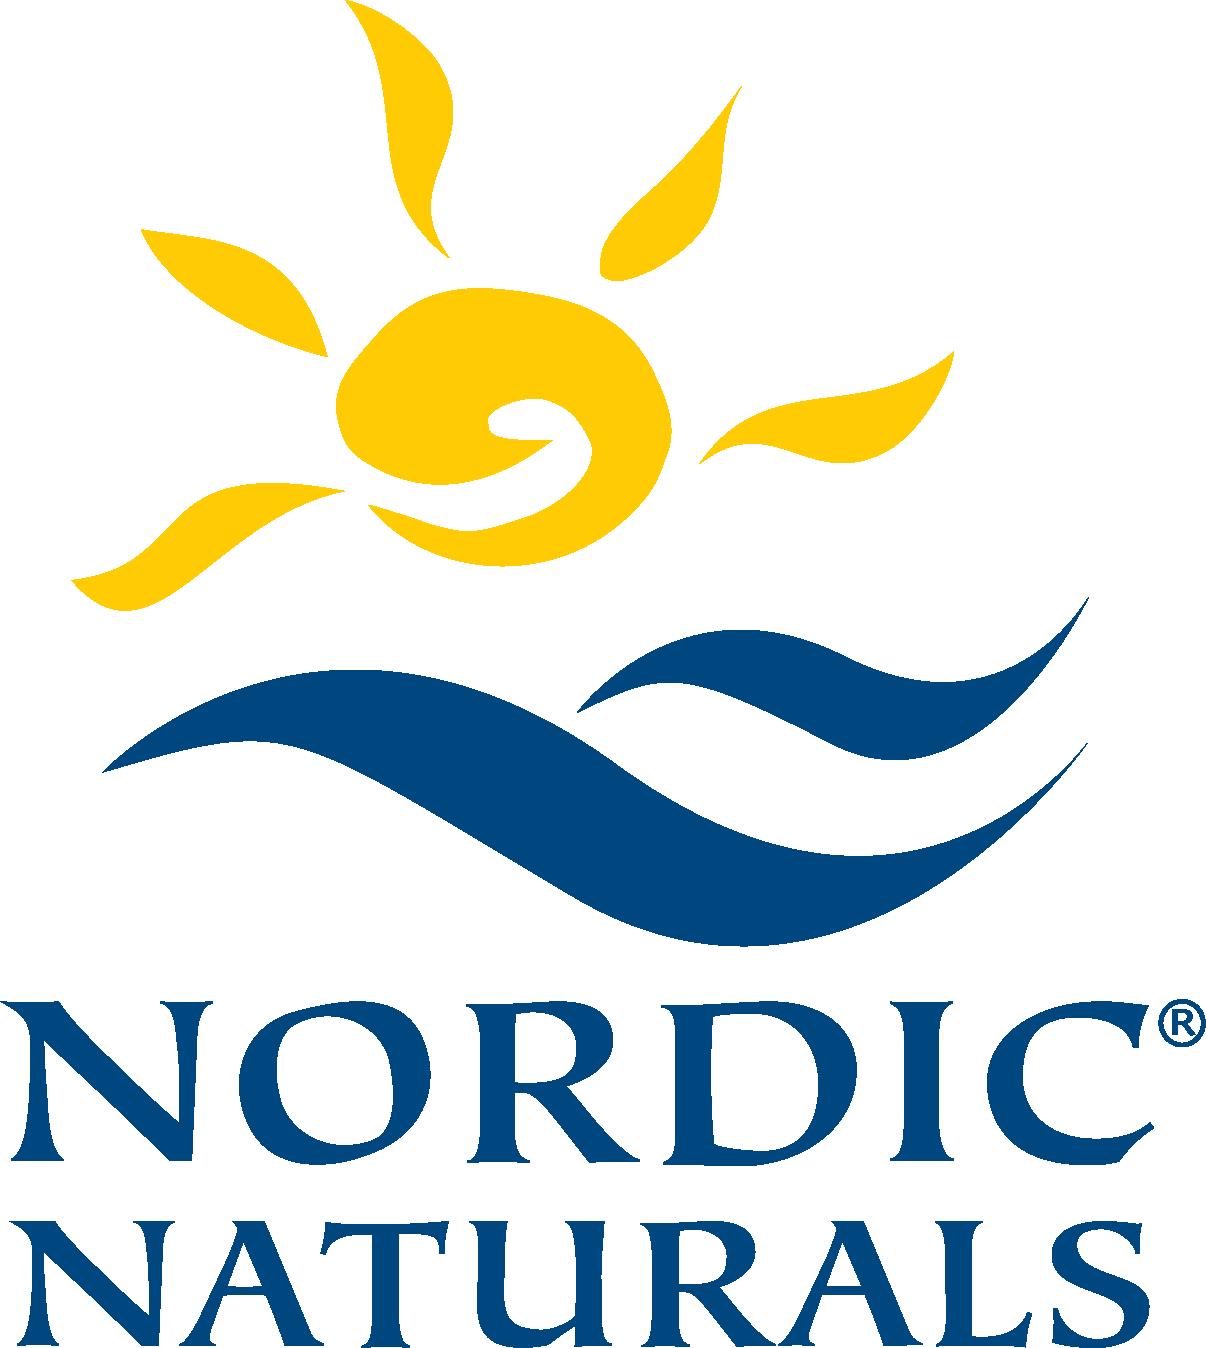 Nordic Naturals.png